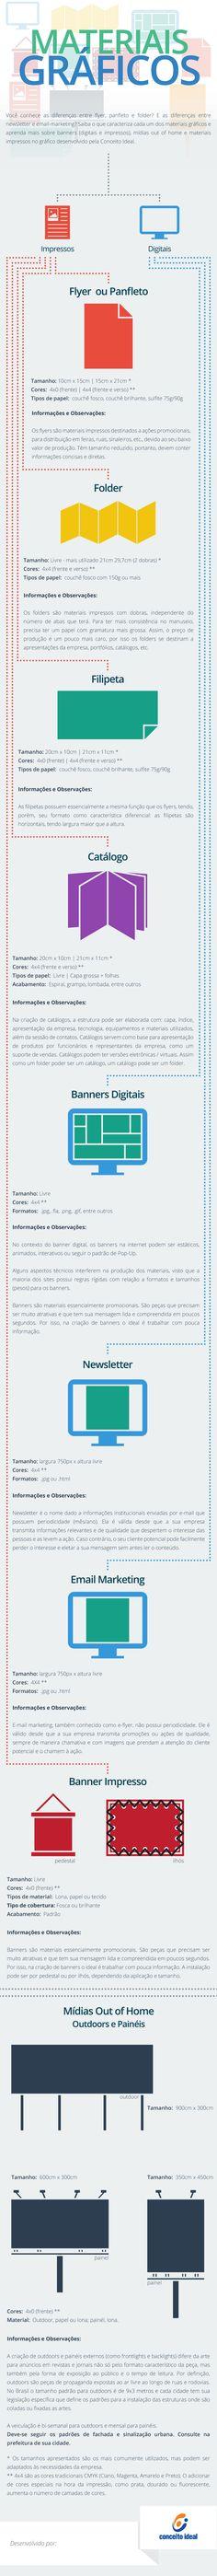 infografico materiais-graficos-blog